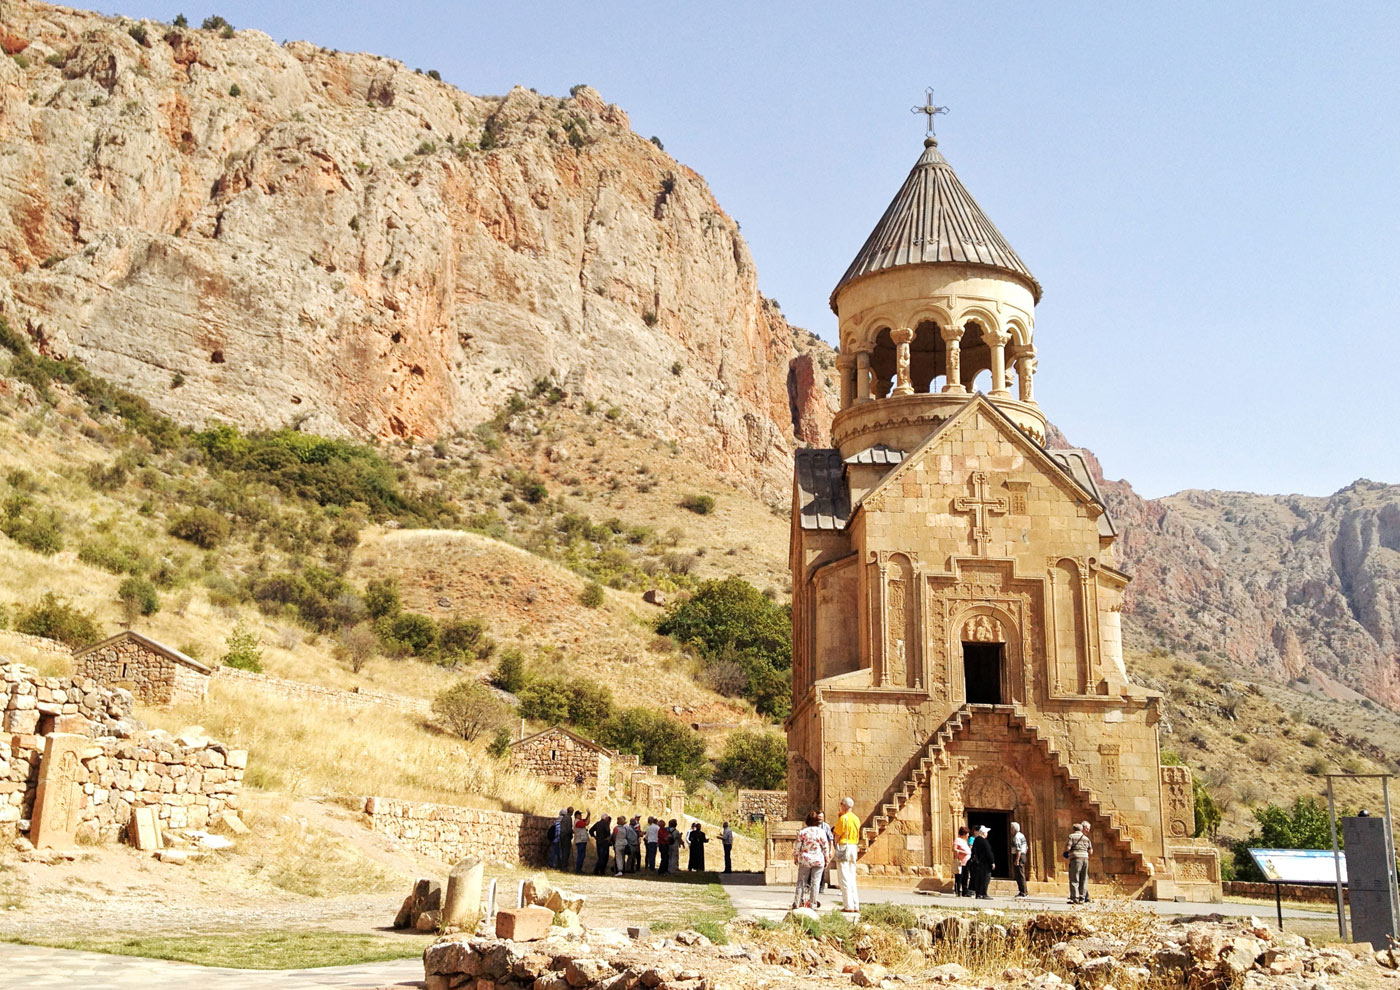 Noravank Monastery in Armenia